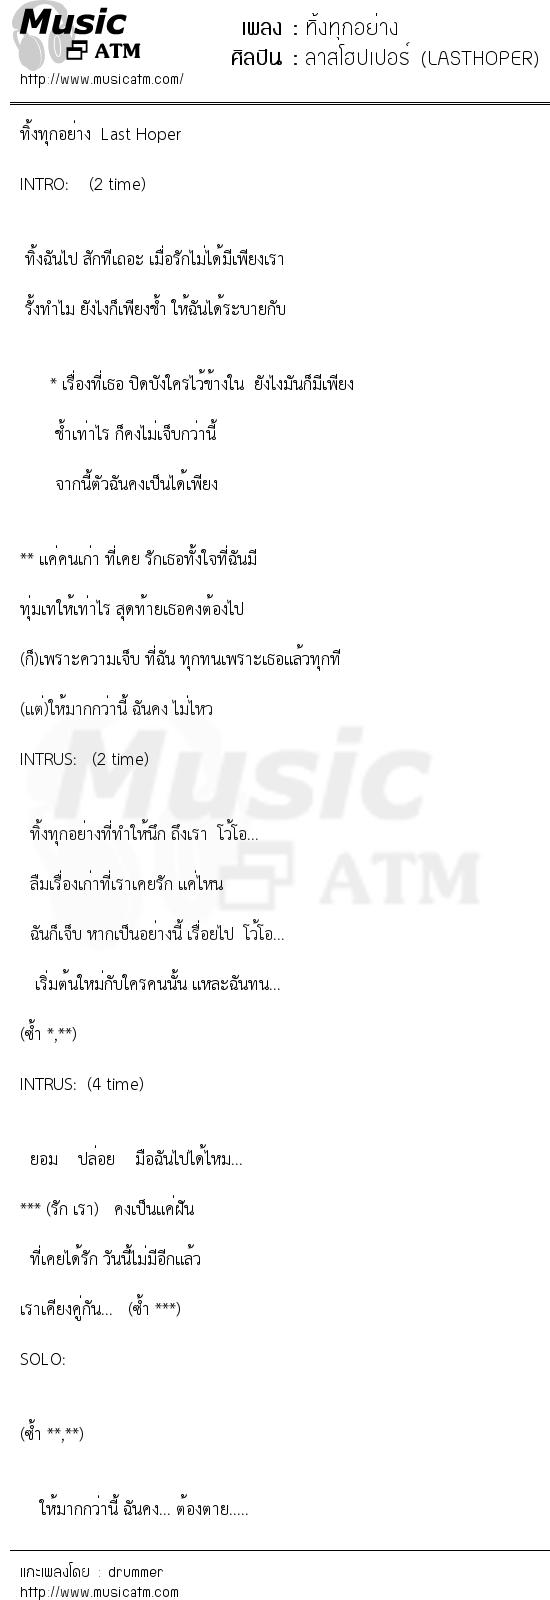 เนื้อเพลง ทิ้งทุกอย่าง - ลาสโฮปเปอร์ (LASTHOPER) | เพลงไทย